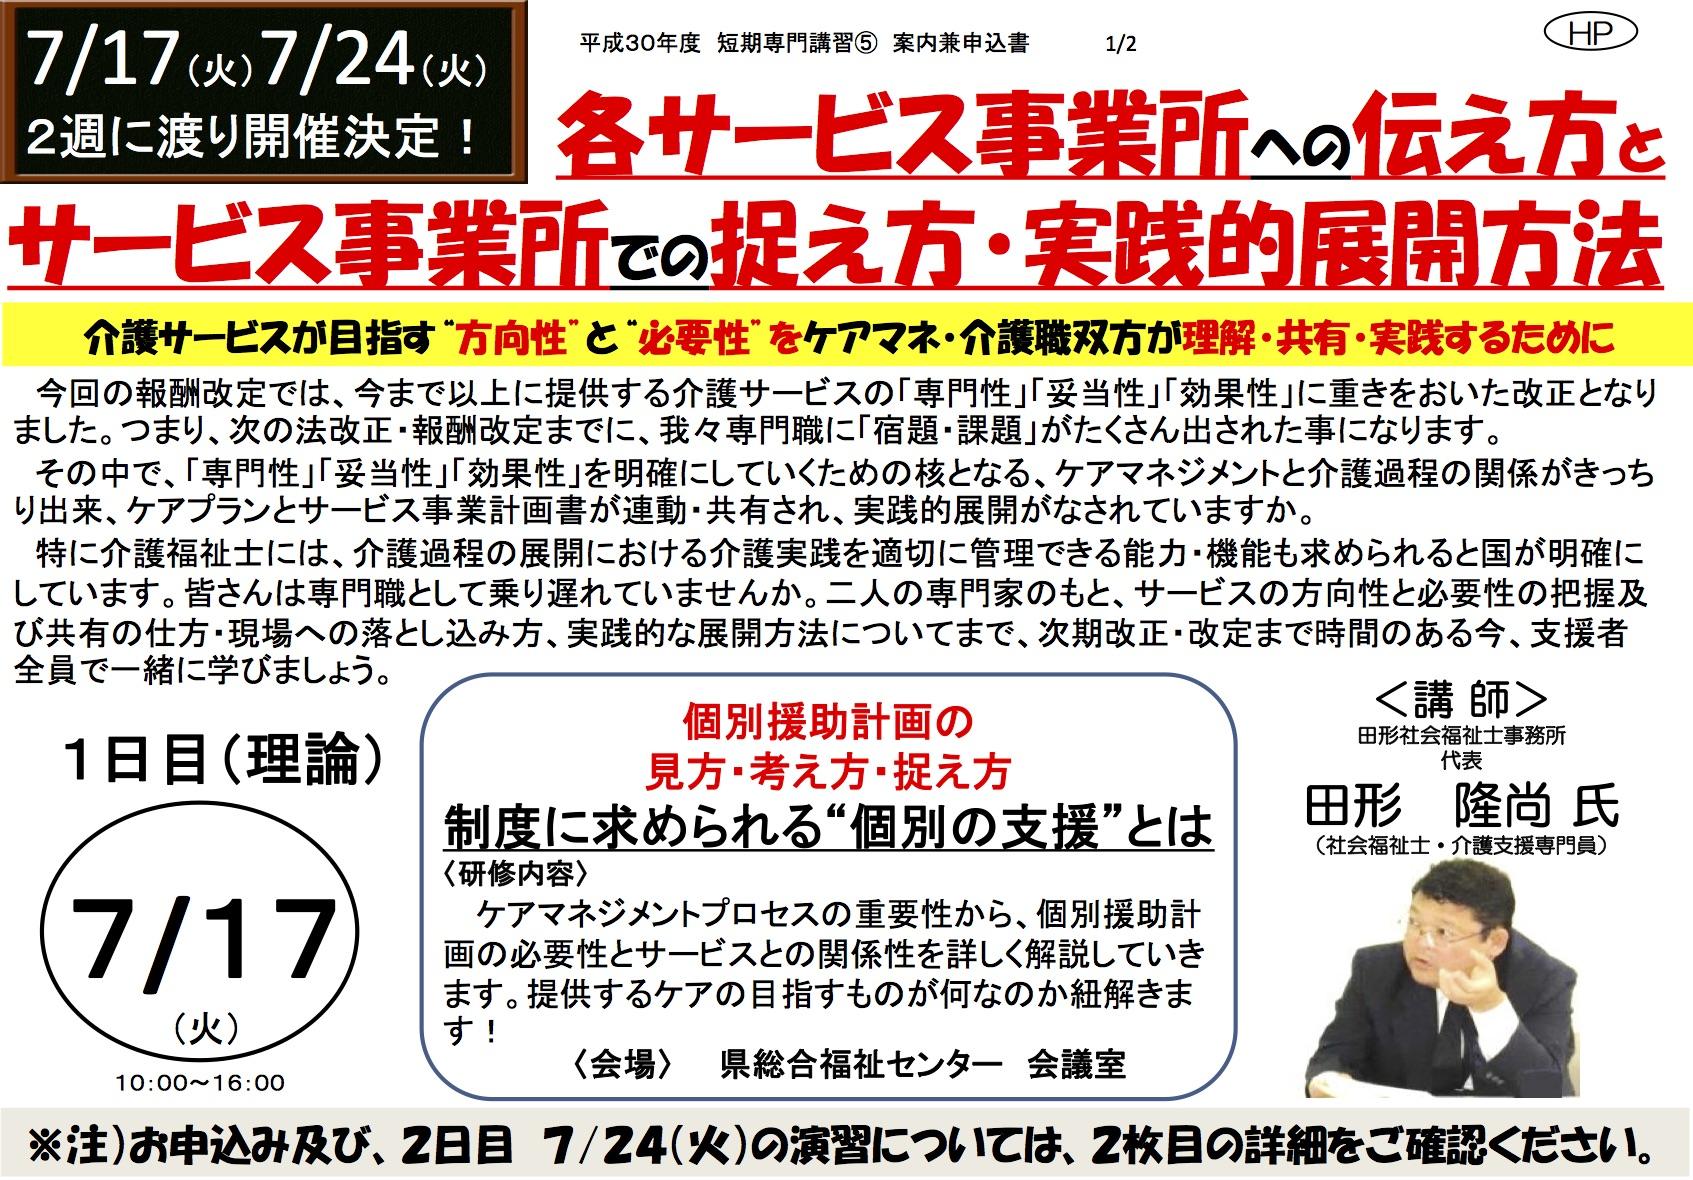 熊本県介護福祉士会 7/14・7/24 研修会開催のお知らせ